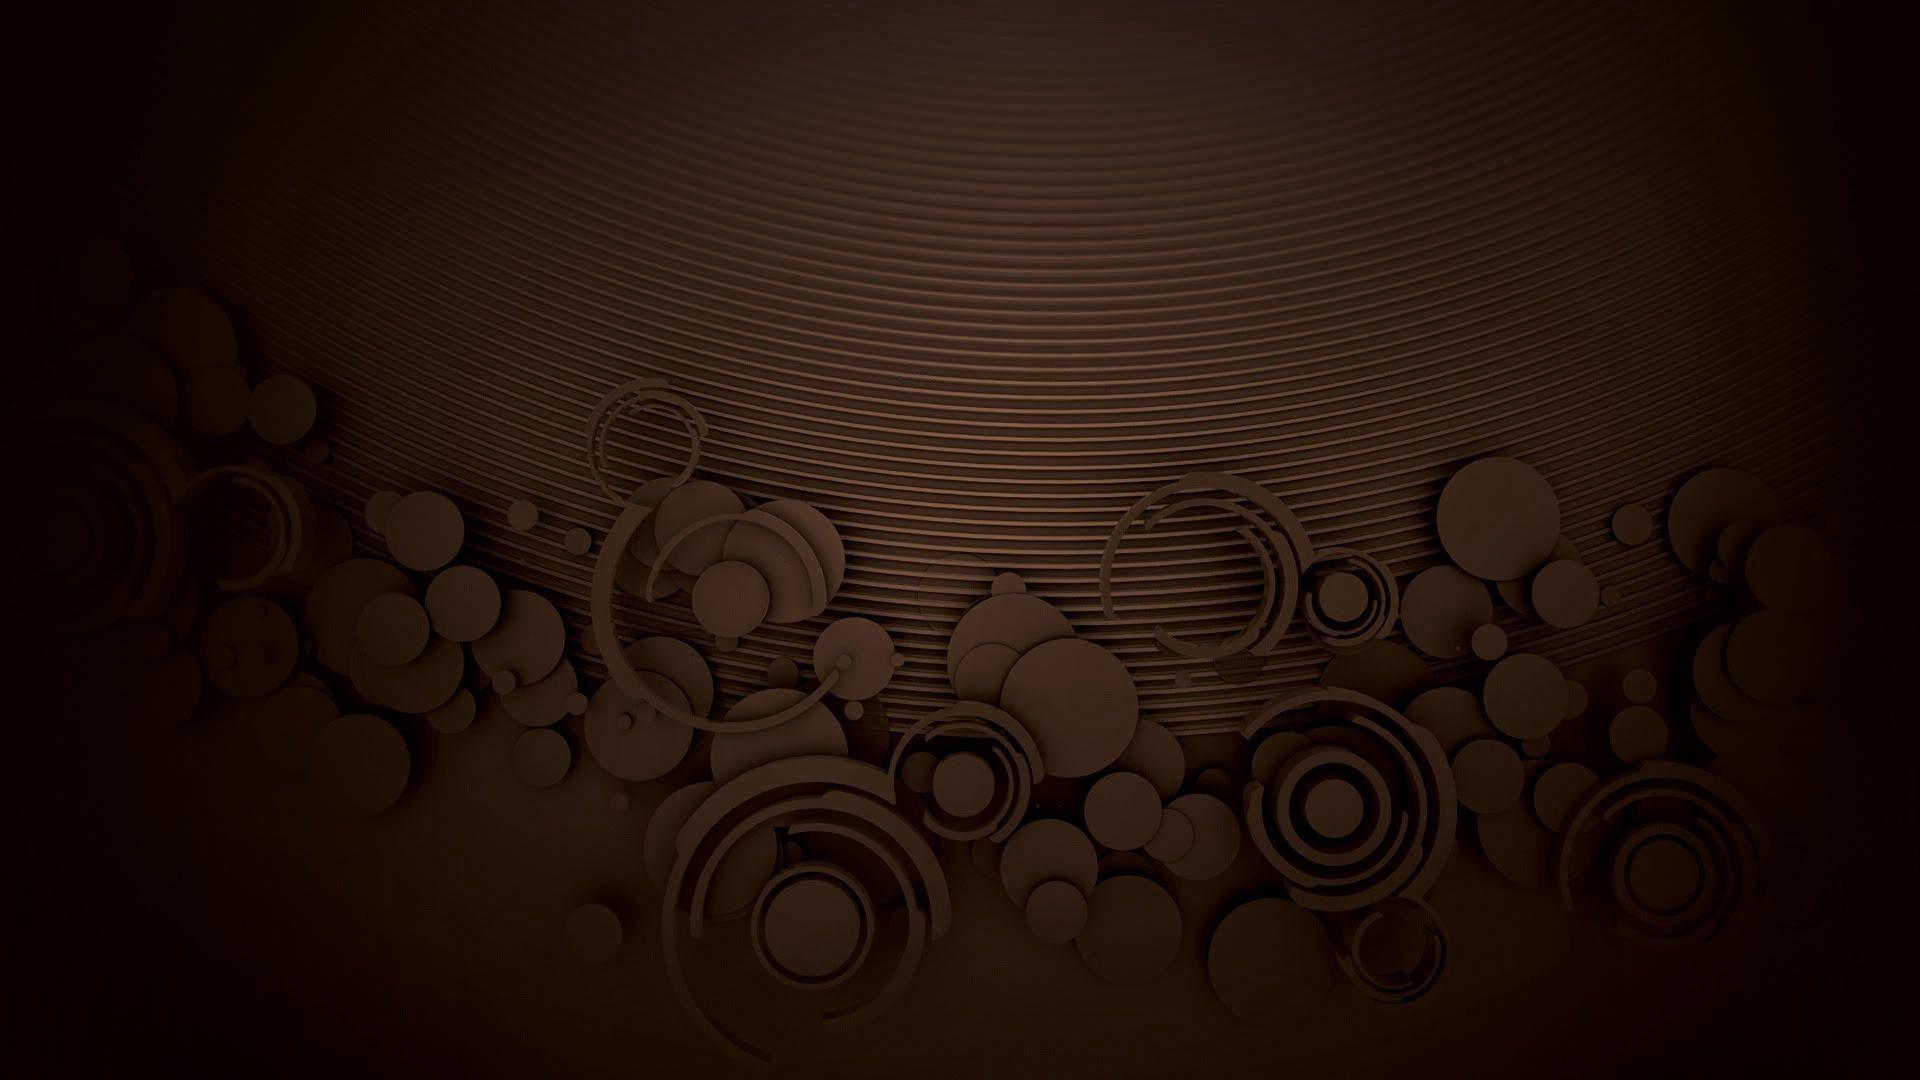 121638 Hintergrundbild herunterladen Hintergrund, Kreise, Abstrakt, Schokolade, Muster - Bildschirmschoner und Bilder kostenlos